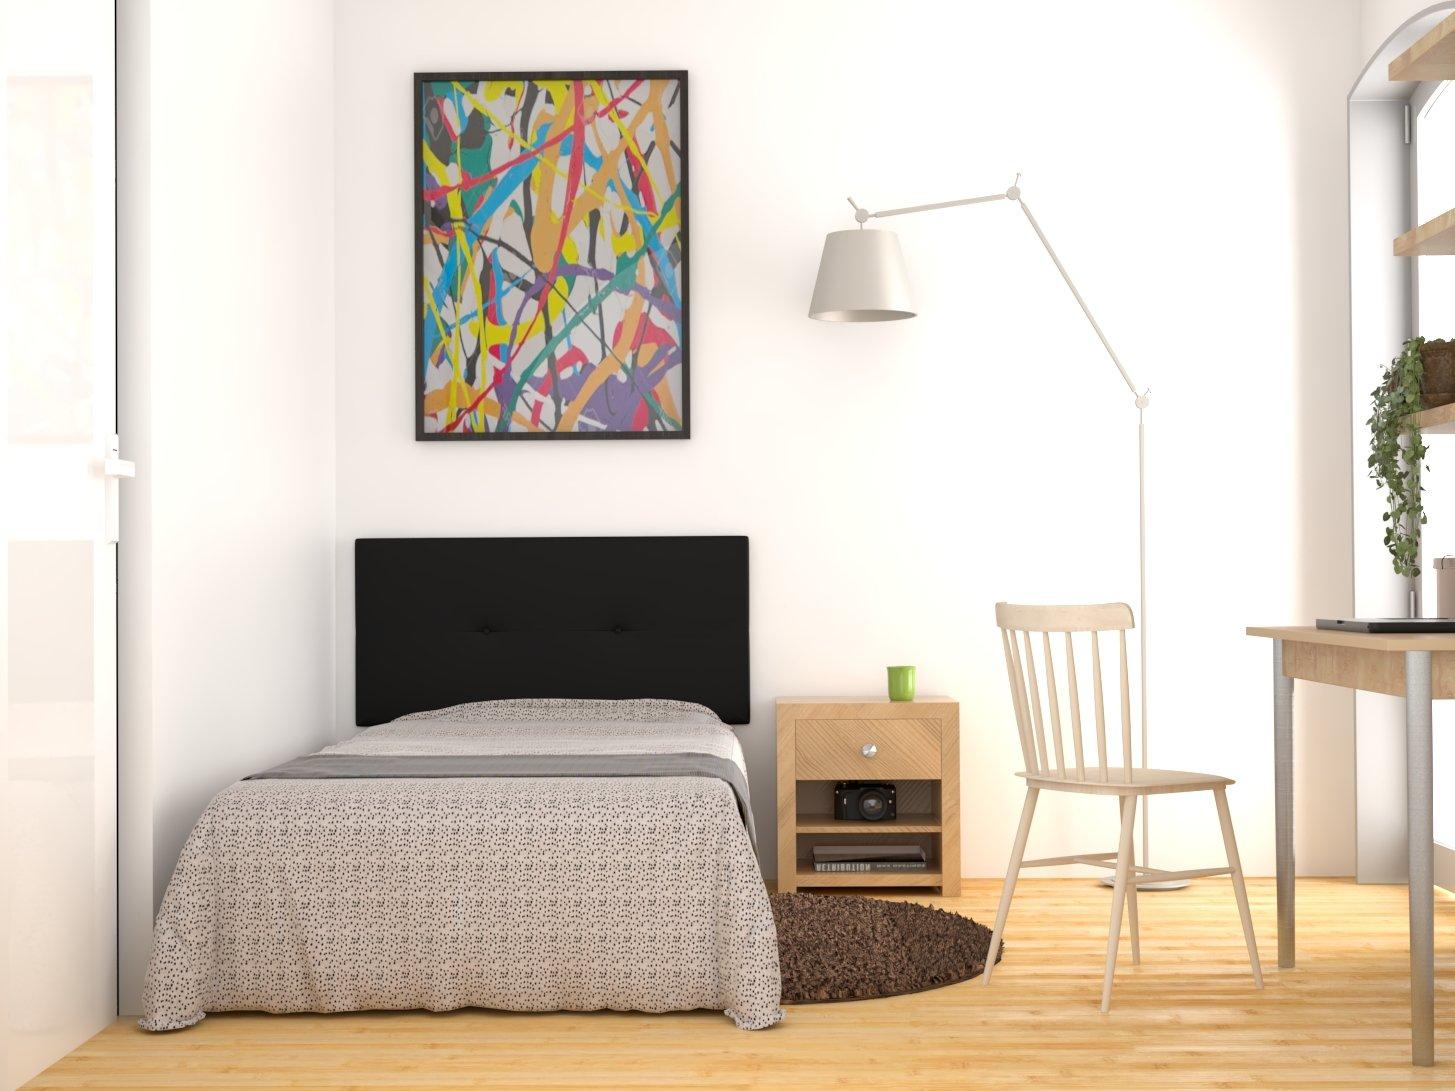 LA WEB DEL COLCHON Cabecero de Cama tapizado Acolchado Julie 115 x 55 cms. para Camas de 80, 90 y 105 cms. Polipel Color Negro. Incluye herrajes para Colgar ...